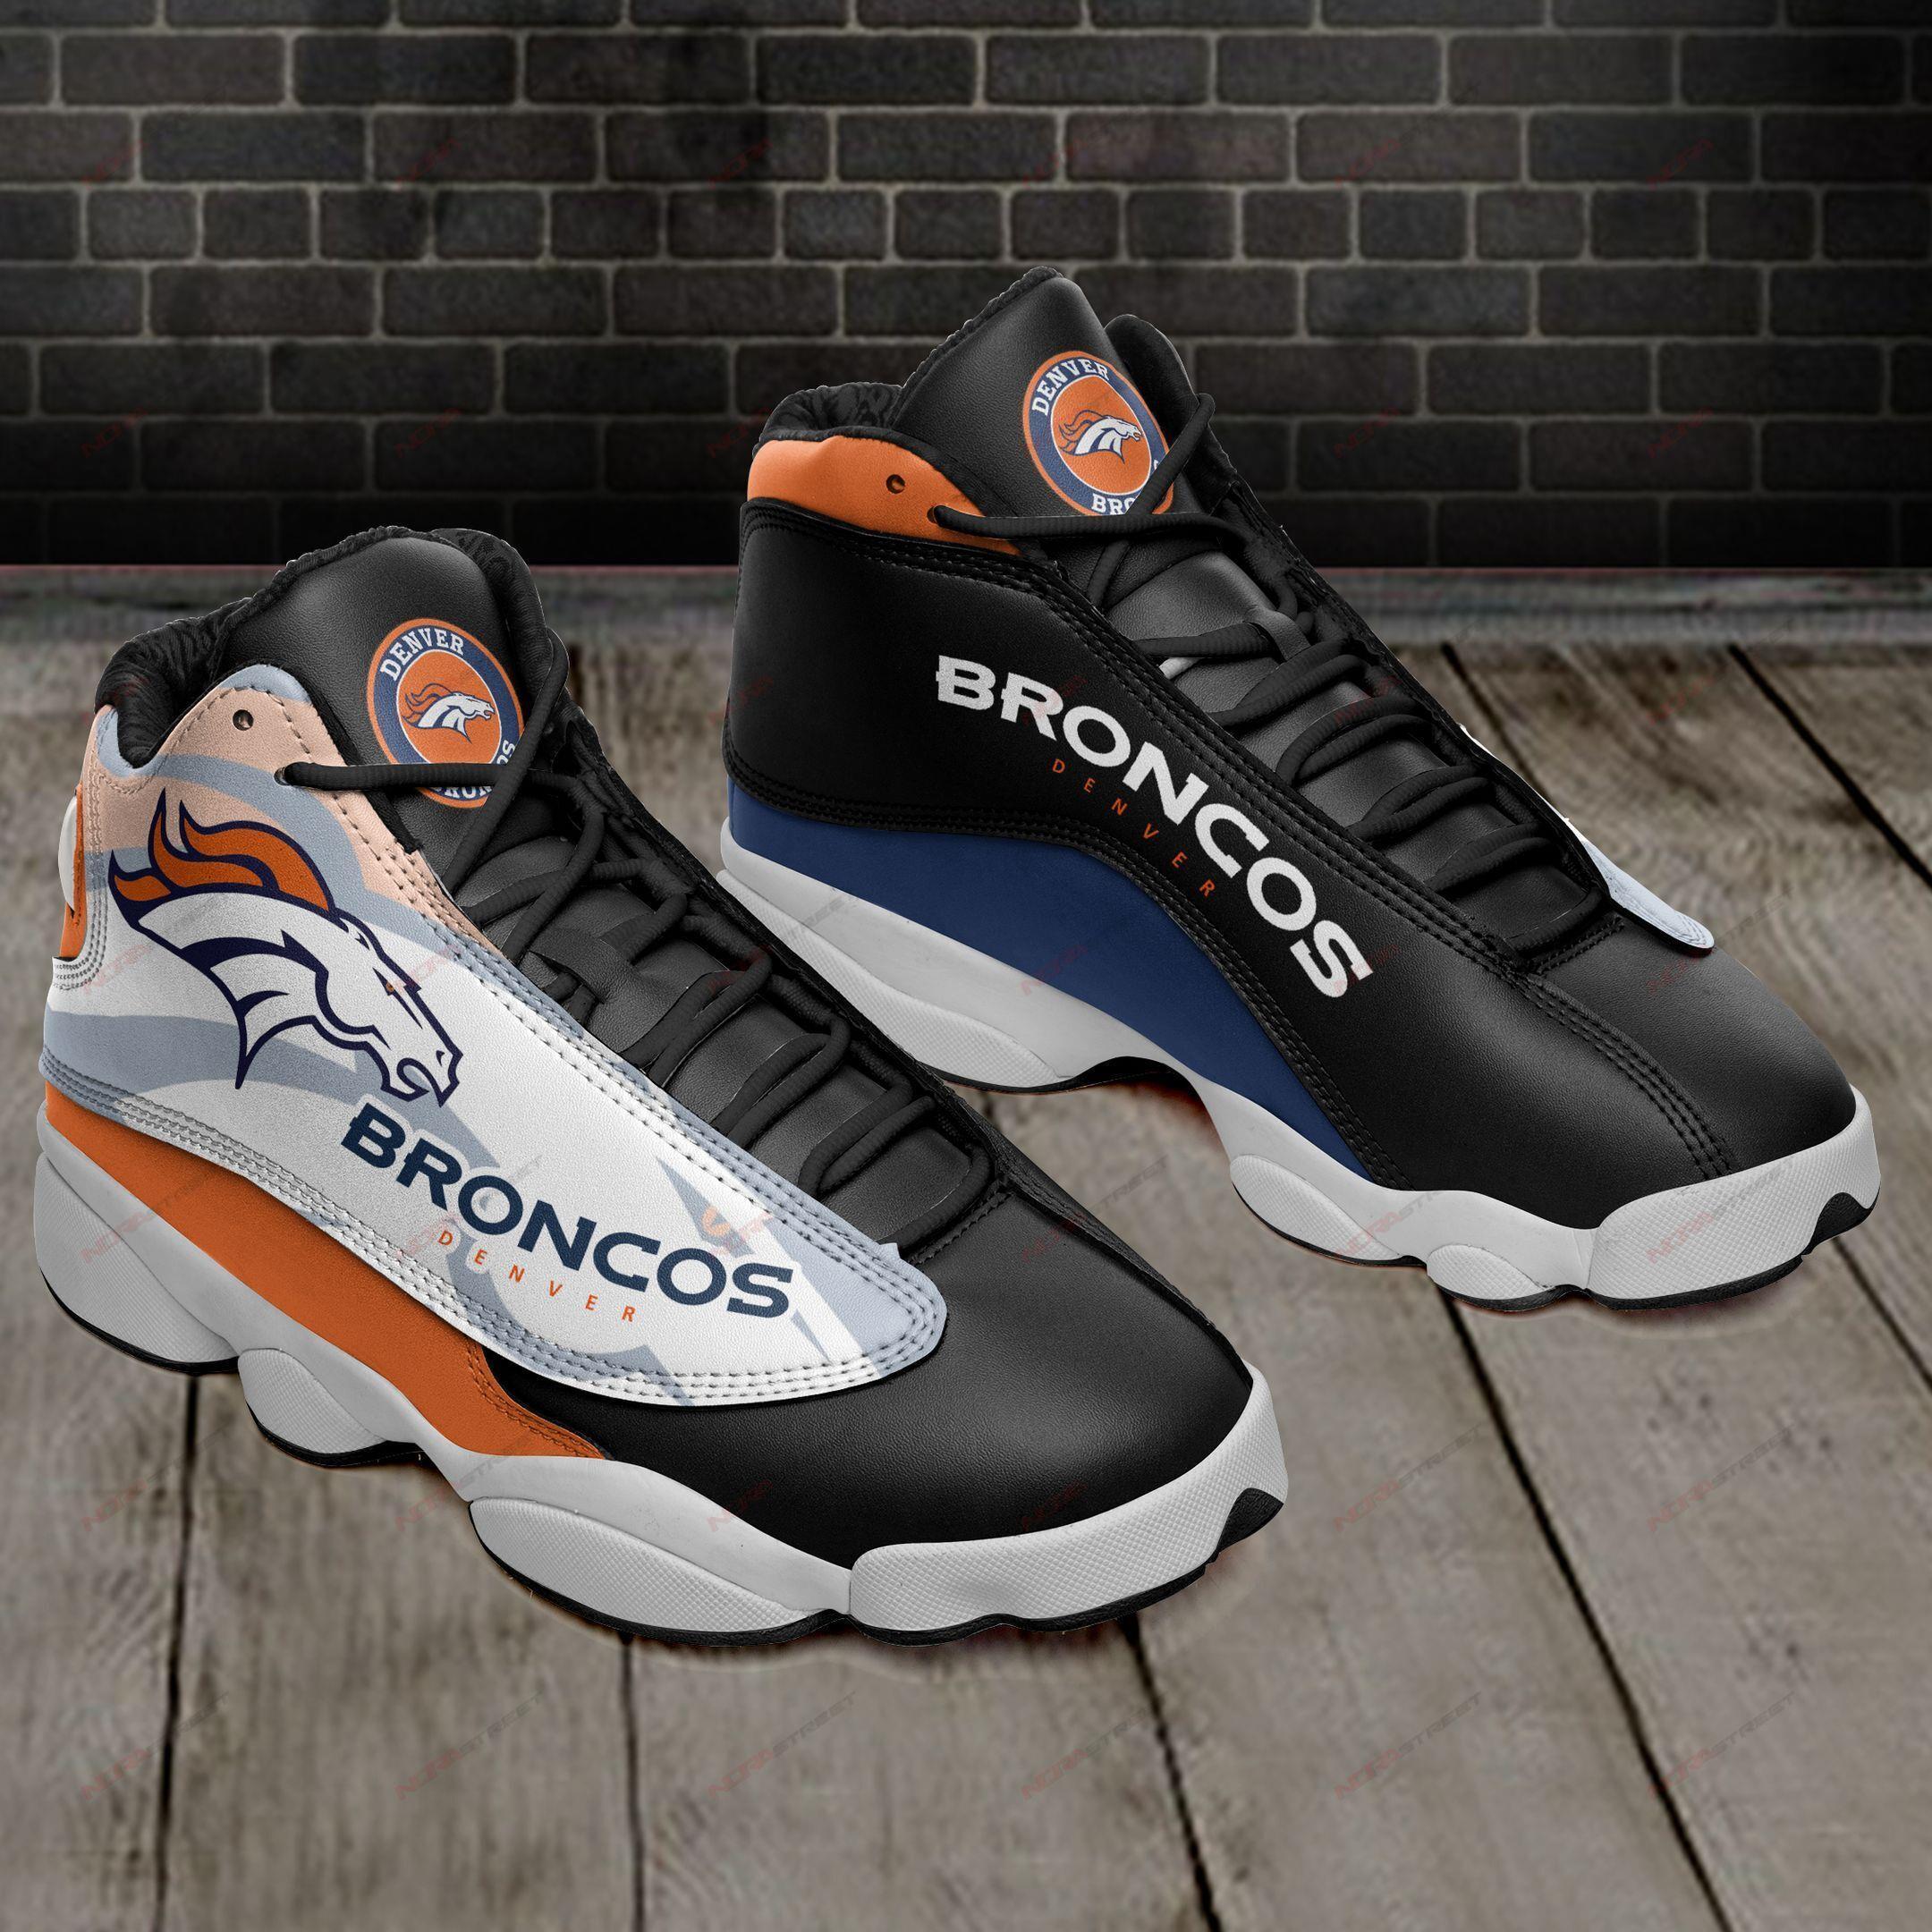 Denver Broncos Air Jordan 13 Sneakers Sport Shoes Plus Size